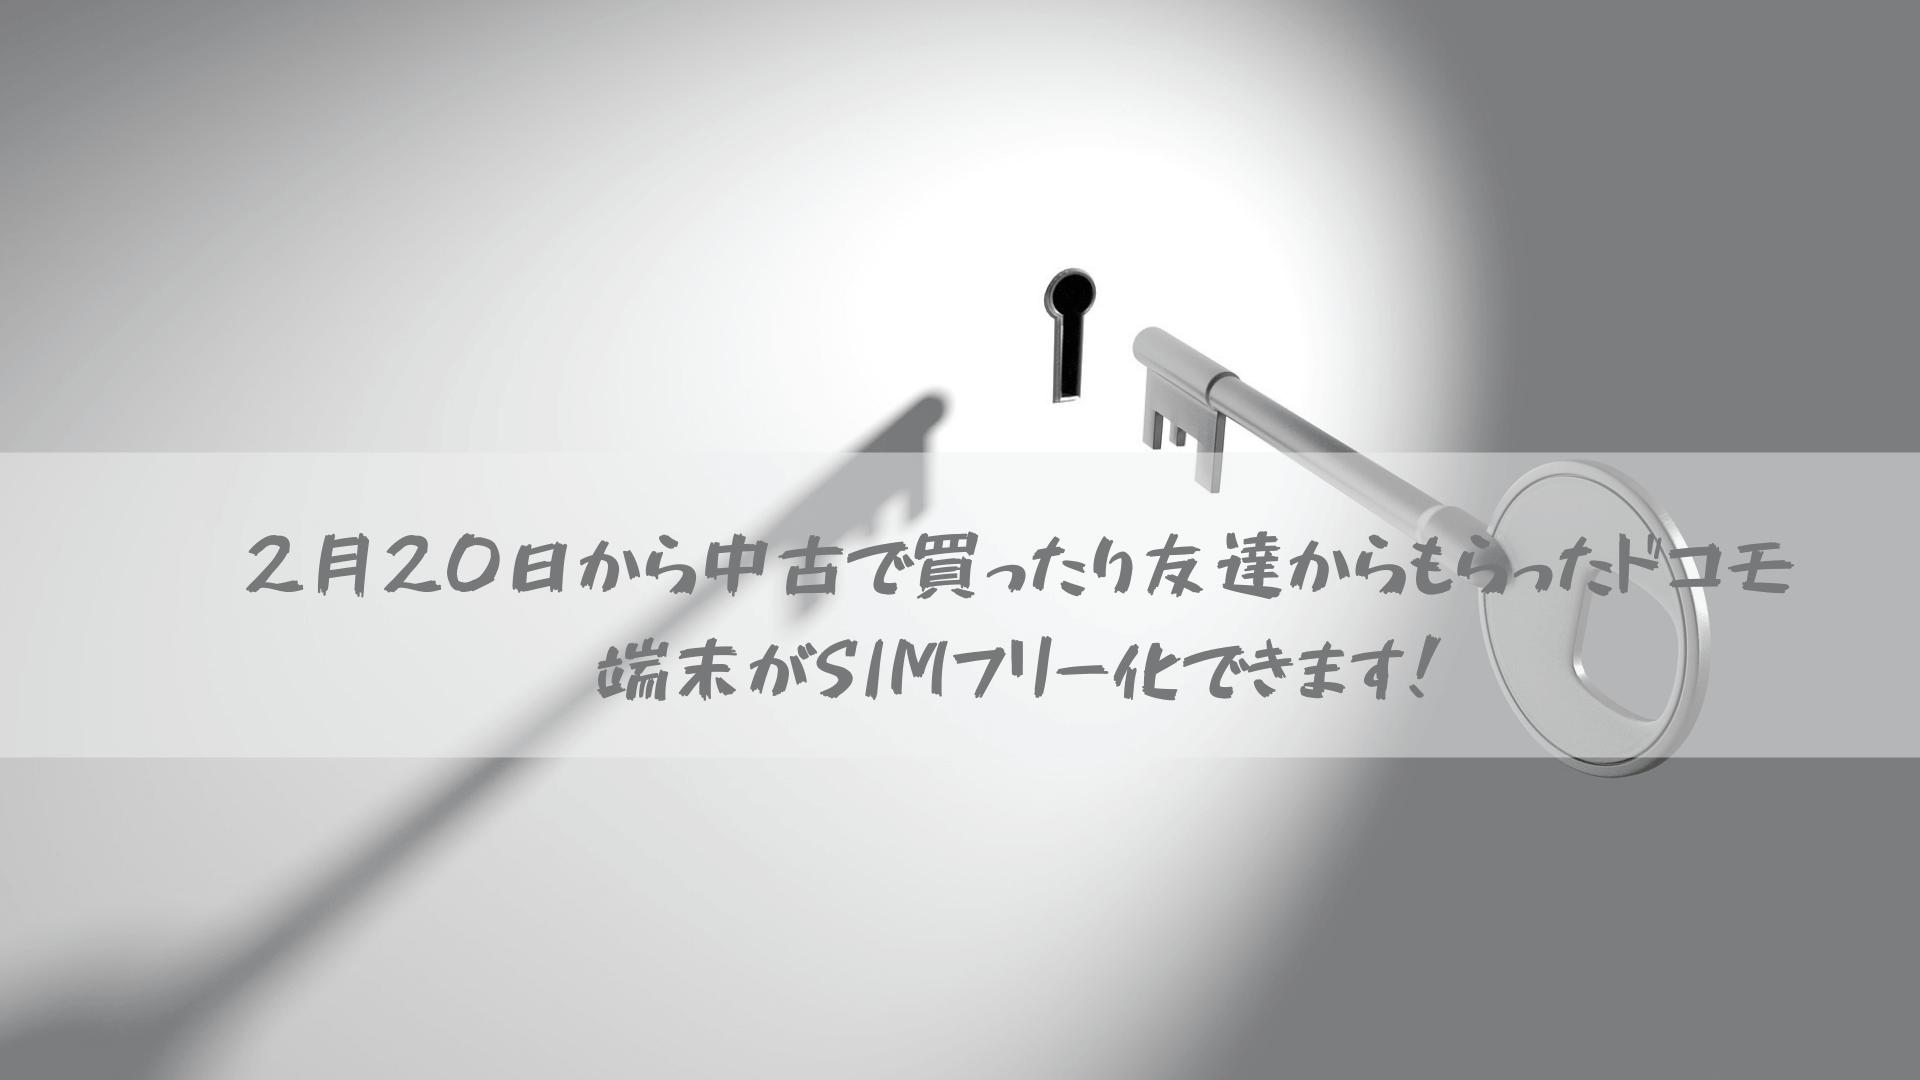 2月20日から中古で買ったり友達からもらったドコモ端末がSIMフリー化できます!